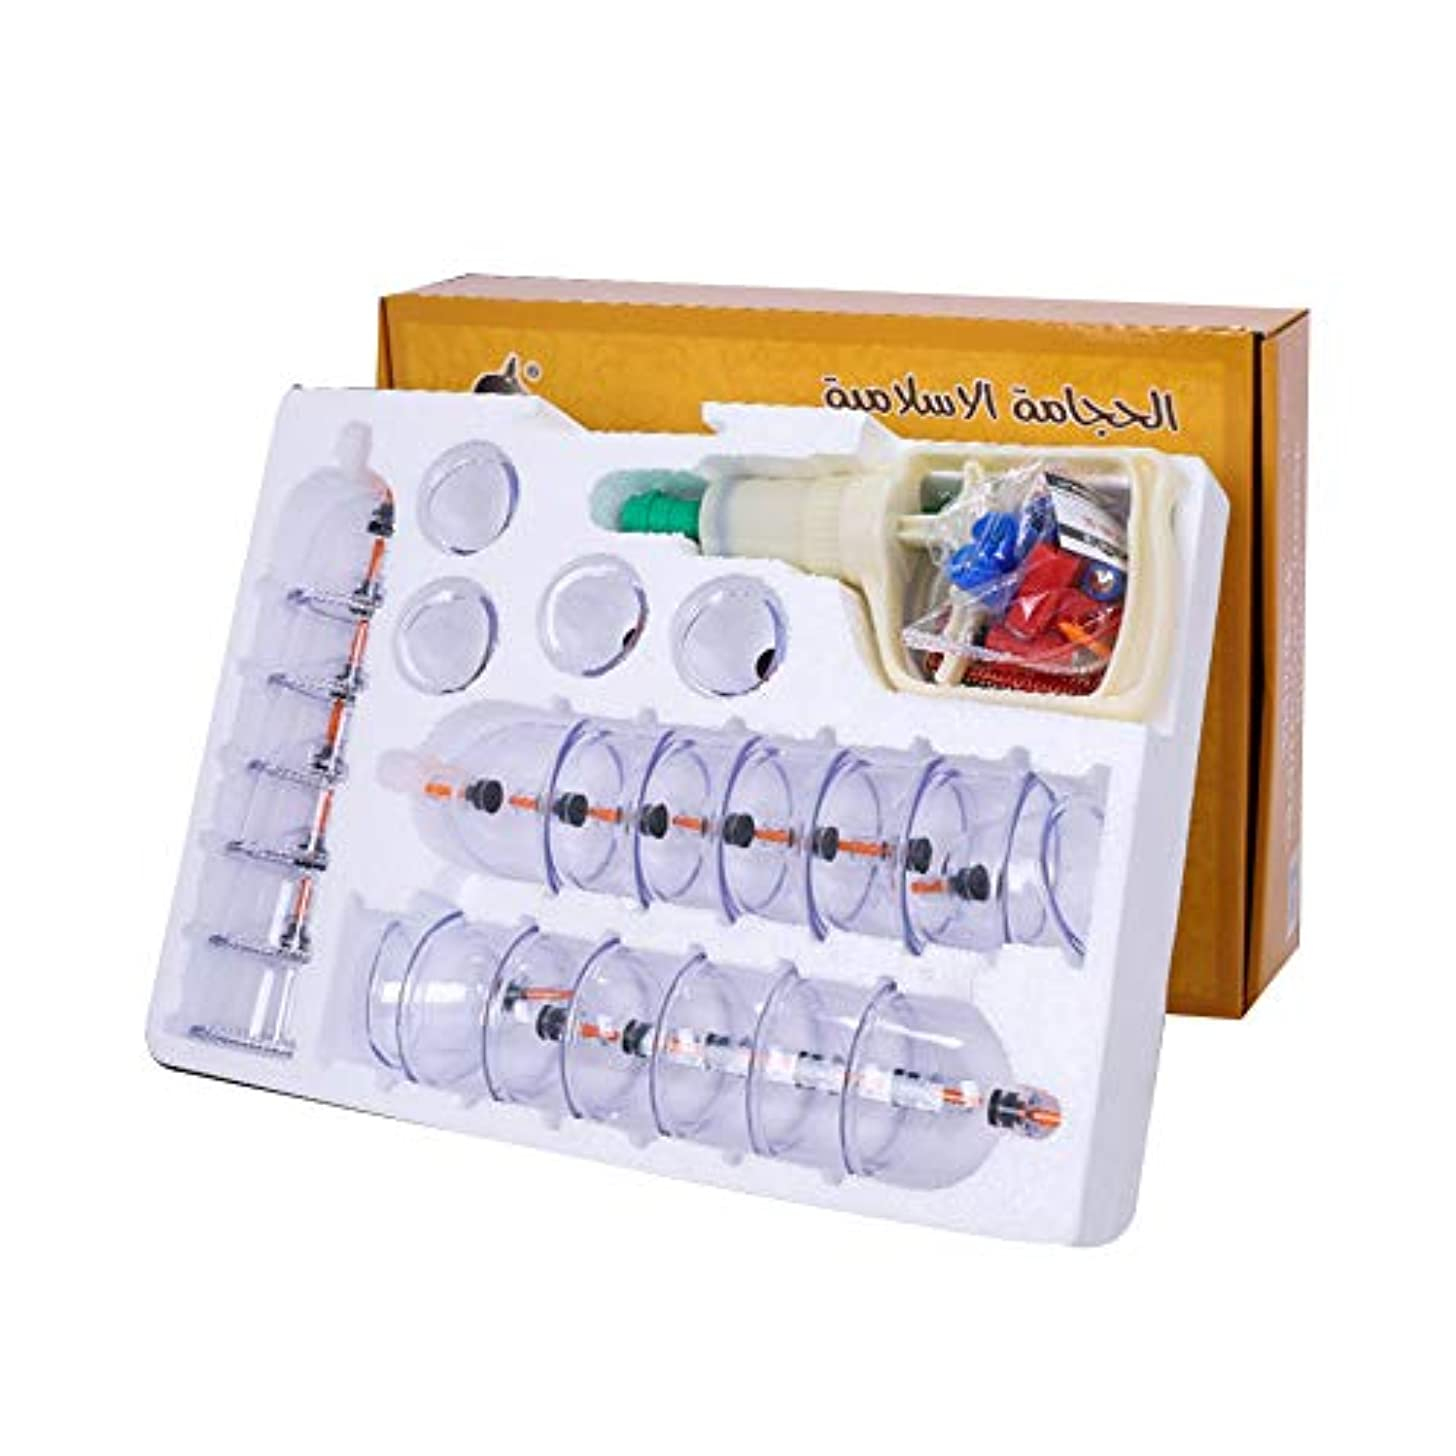 フェードアウトタイムリーな使い込む24カップマッサージカッピングセット、真空吸引中国のツボ療法、在宅医療、全身のチクチクする疲労、リリーフネックの背中の痛みとストレス